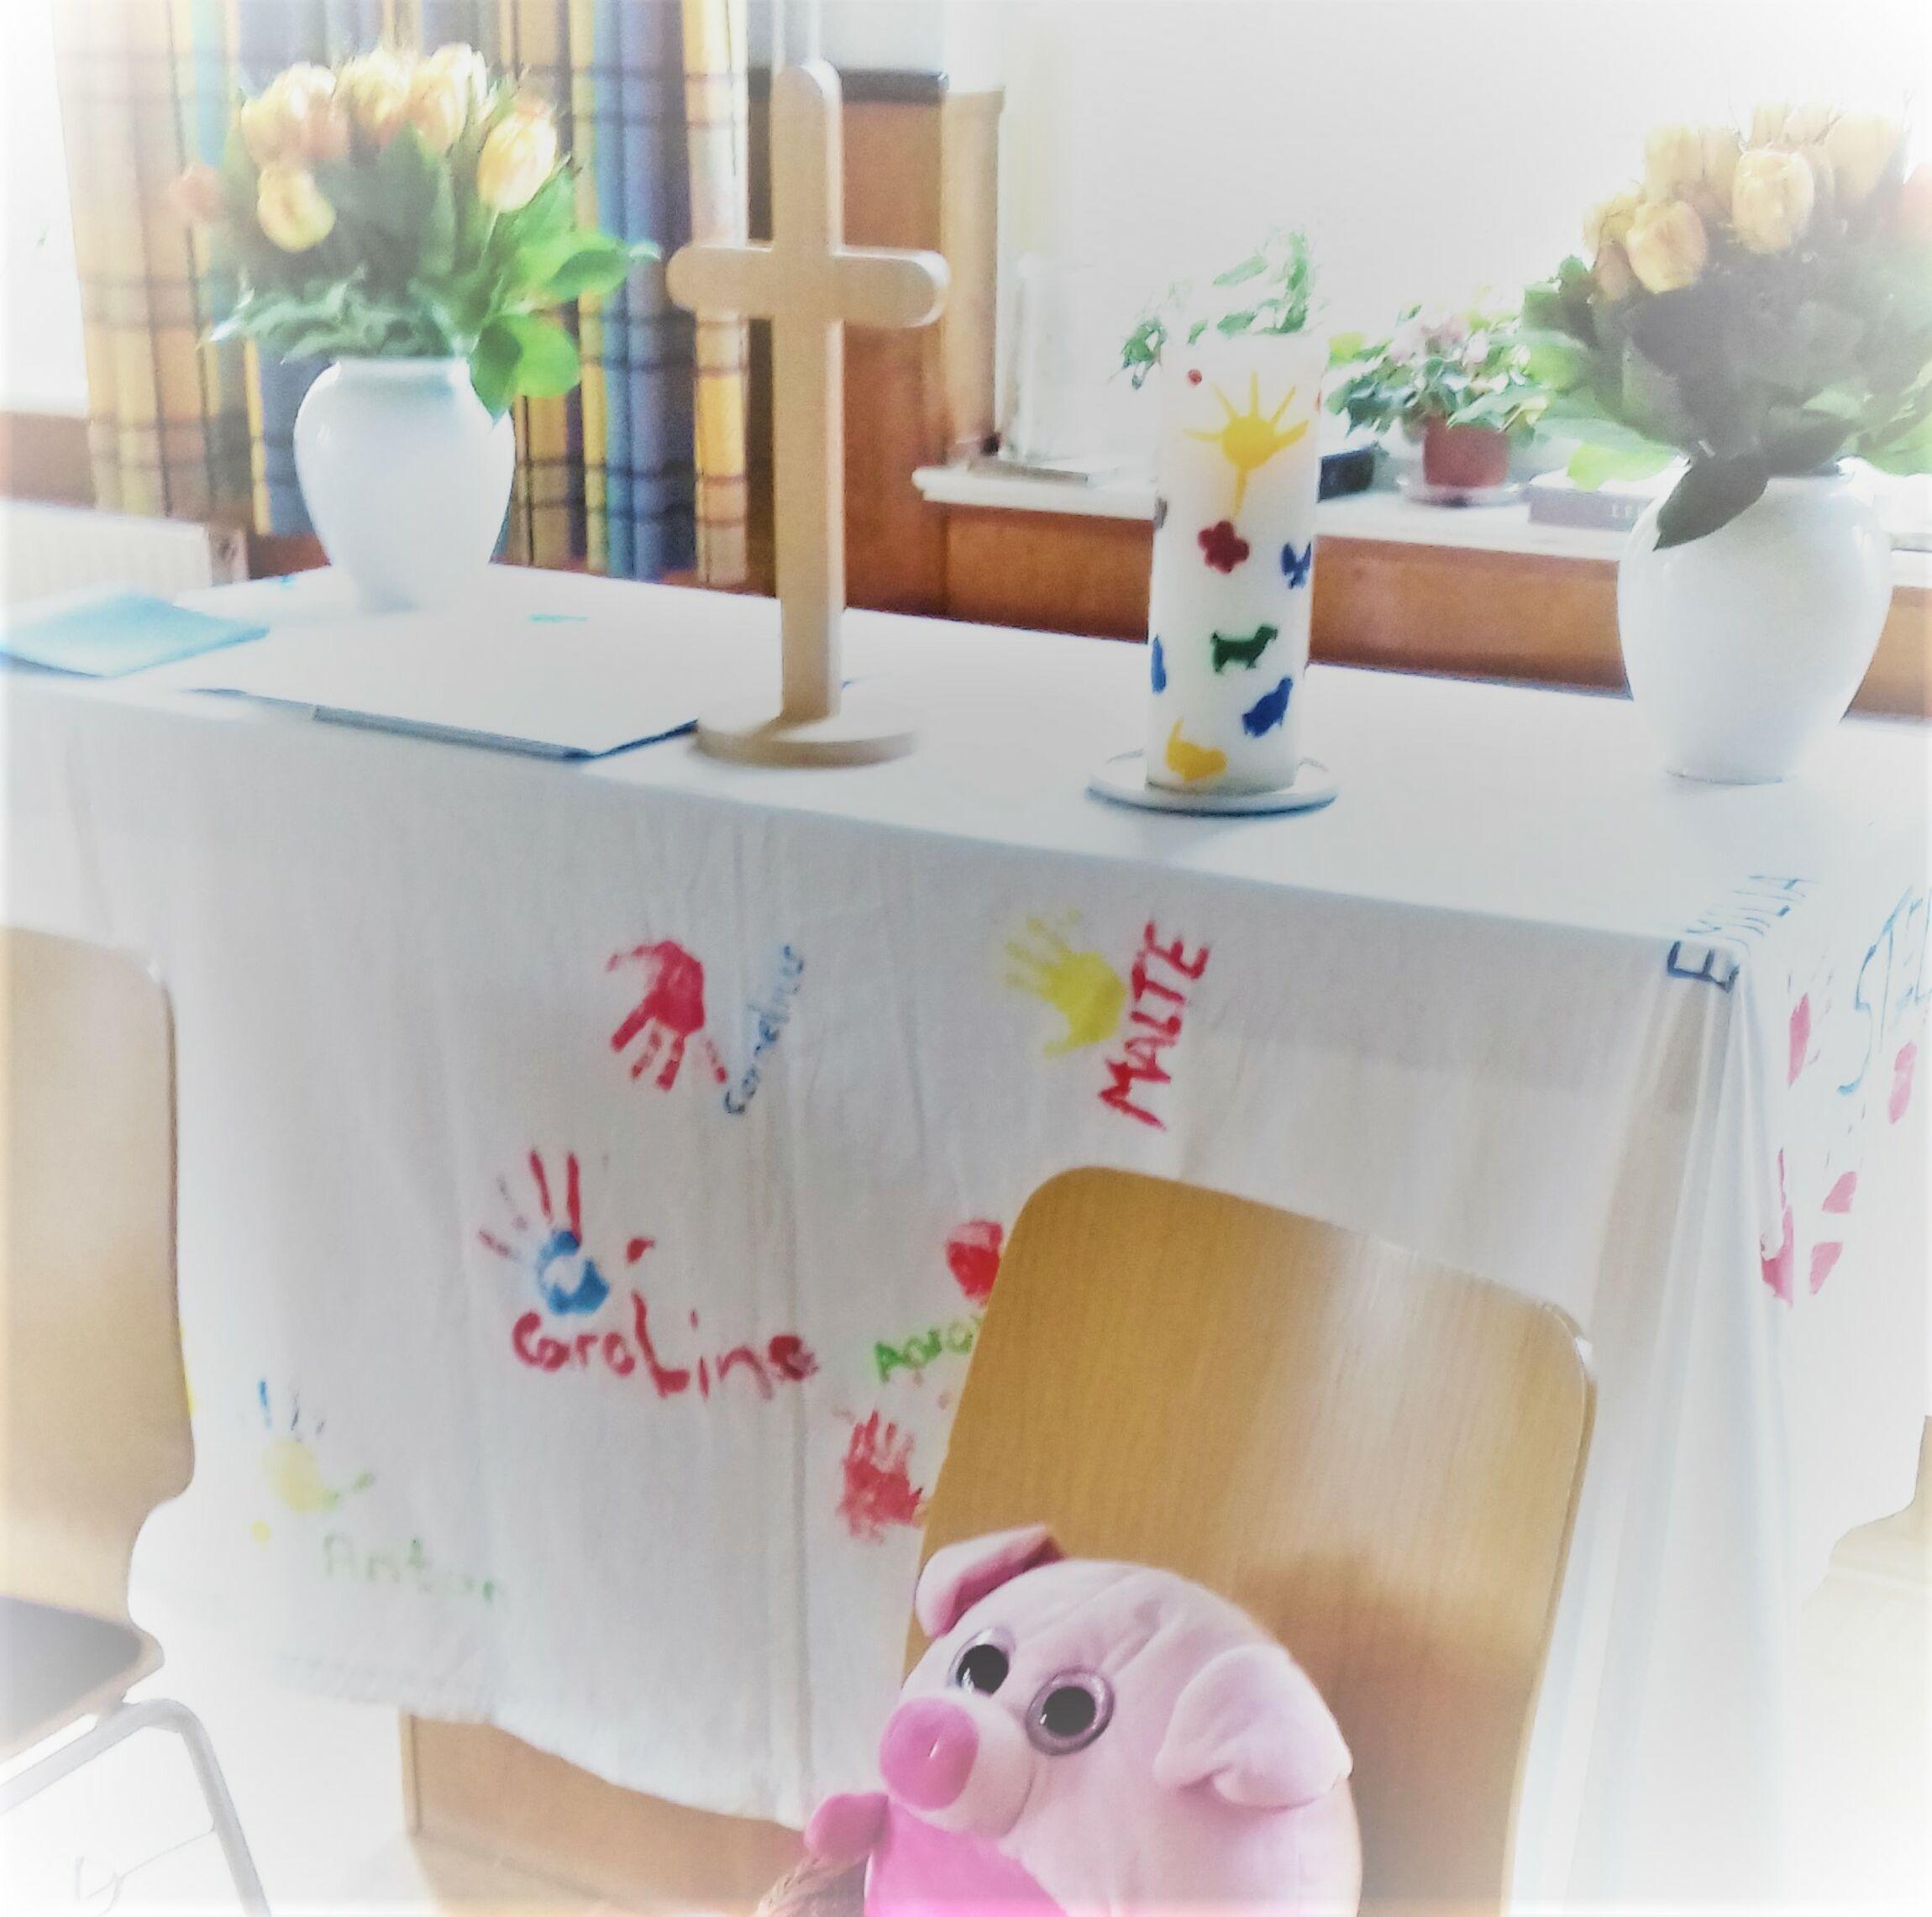 Krabbelgottesdienst für Zuhause; Foto: S. Laskowski